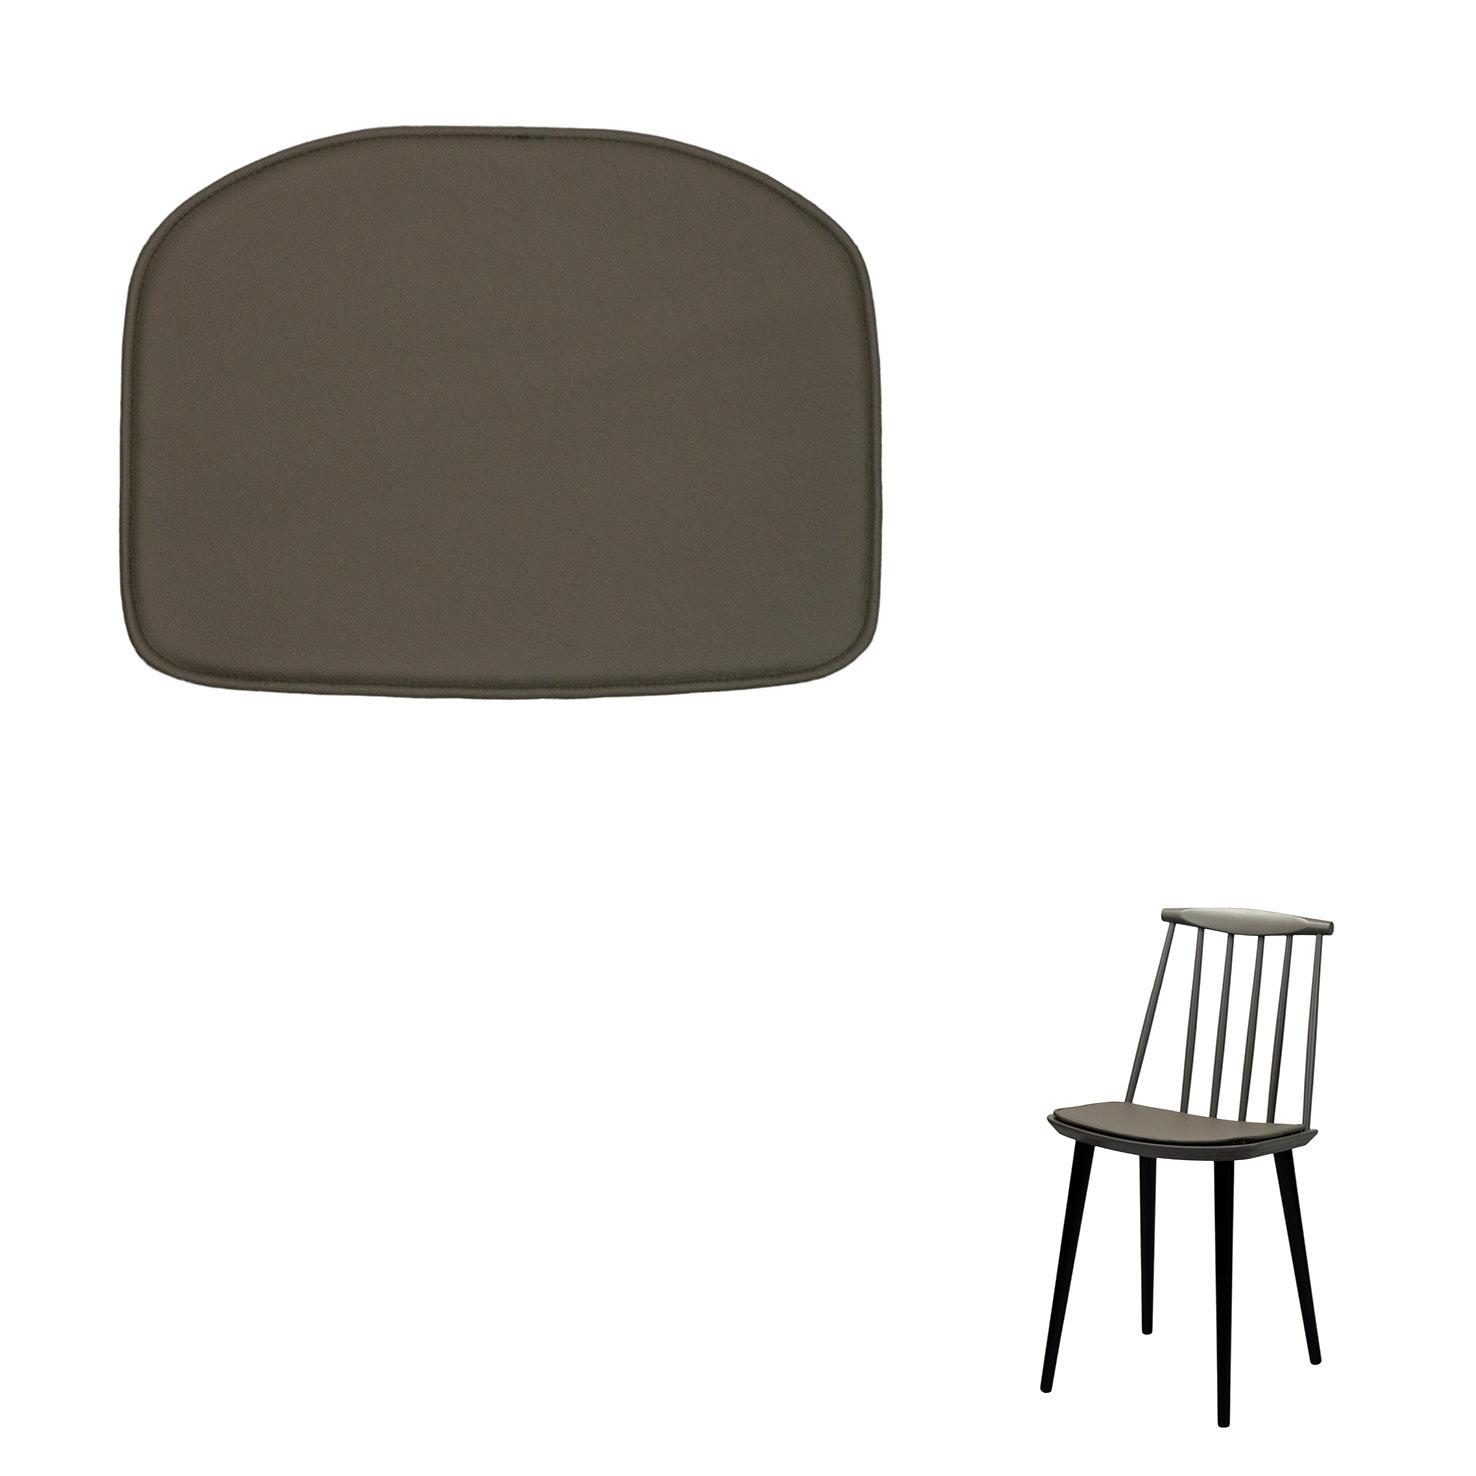 Nicht Wendbare Luxus Sitzkissen Mit Seaside Stoff Fur Den J 77 Hay Fdb Stuhl Von Folke Palsson